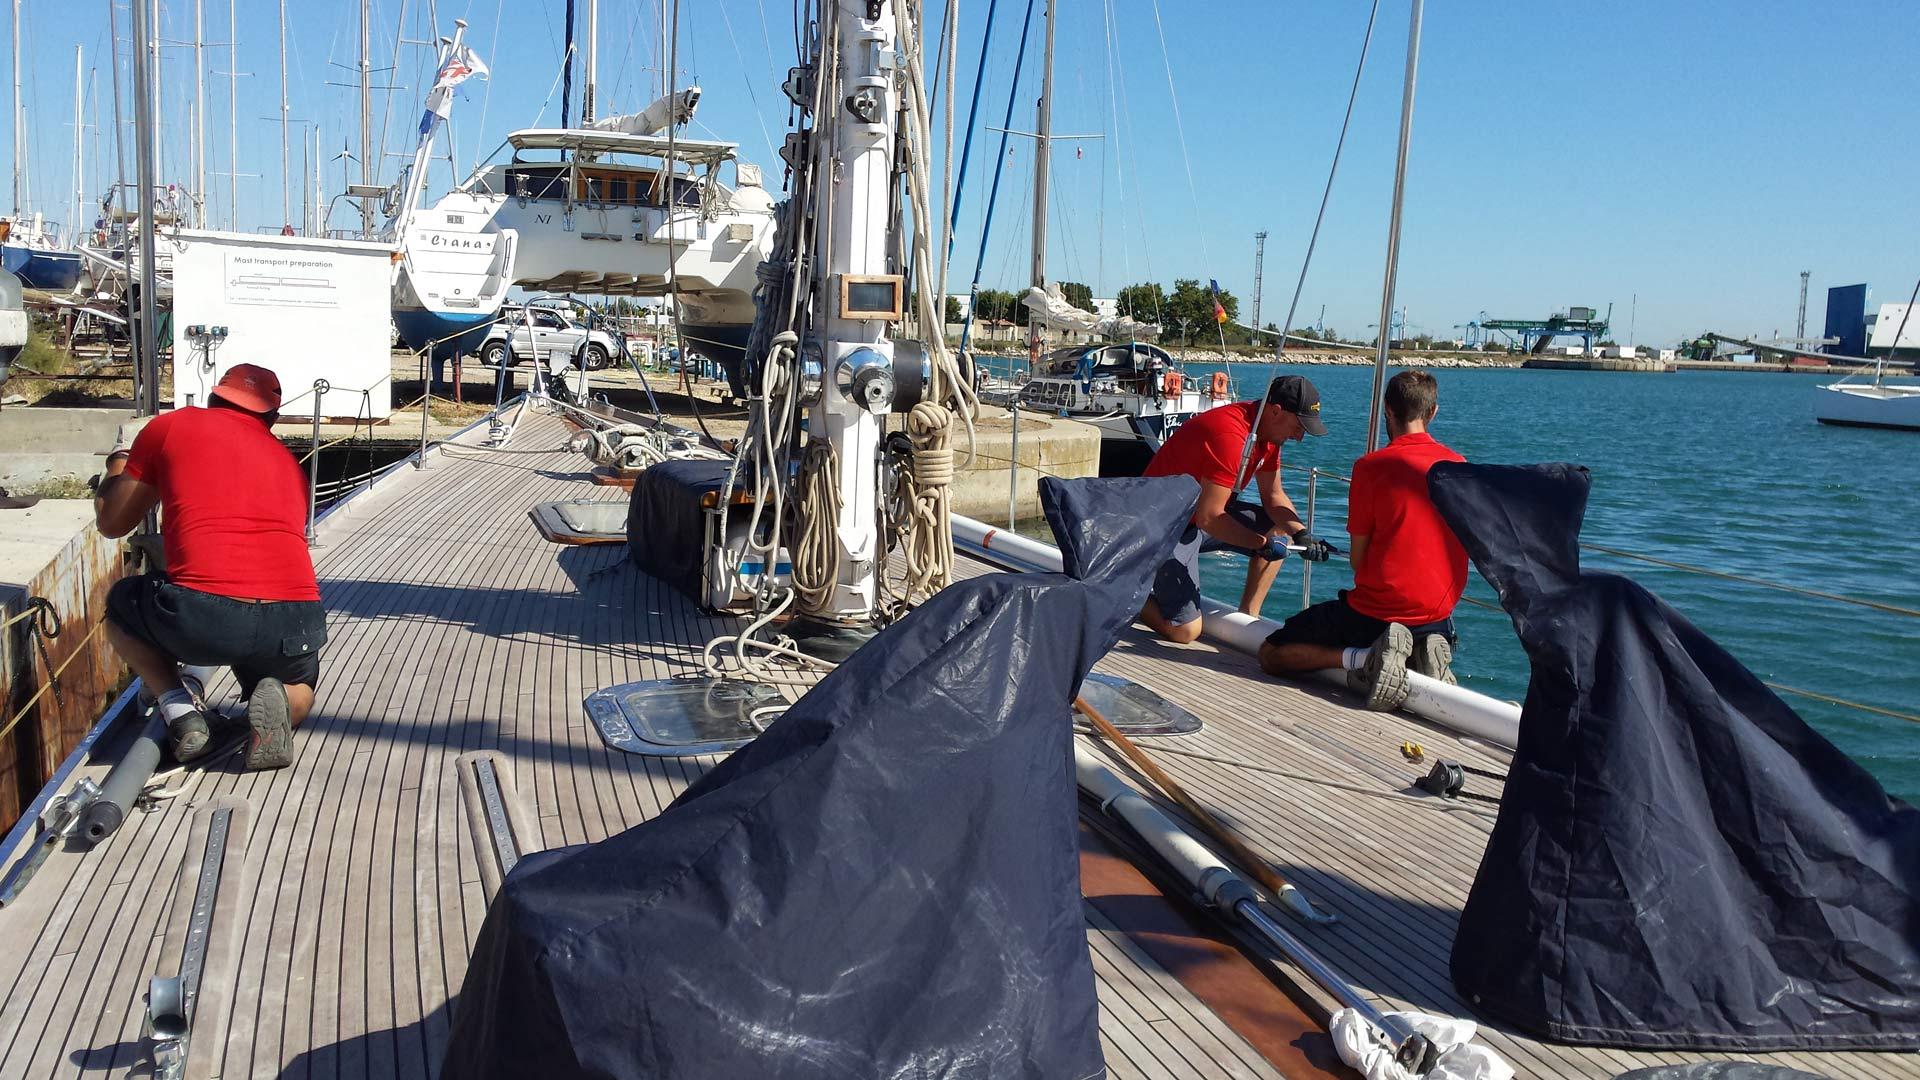 Port à sec Navy Service à Port Saint Louis du Rhône : un accès direct à la Méditerranée